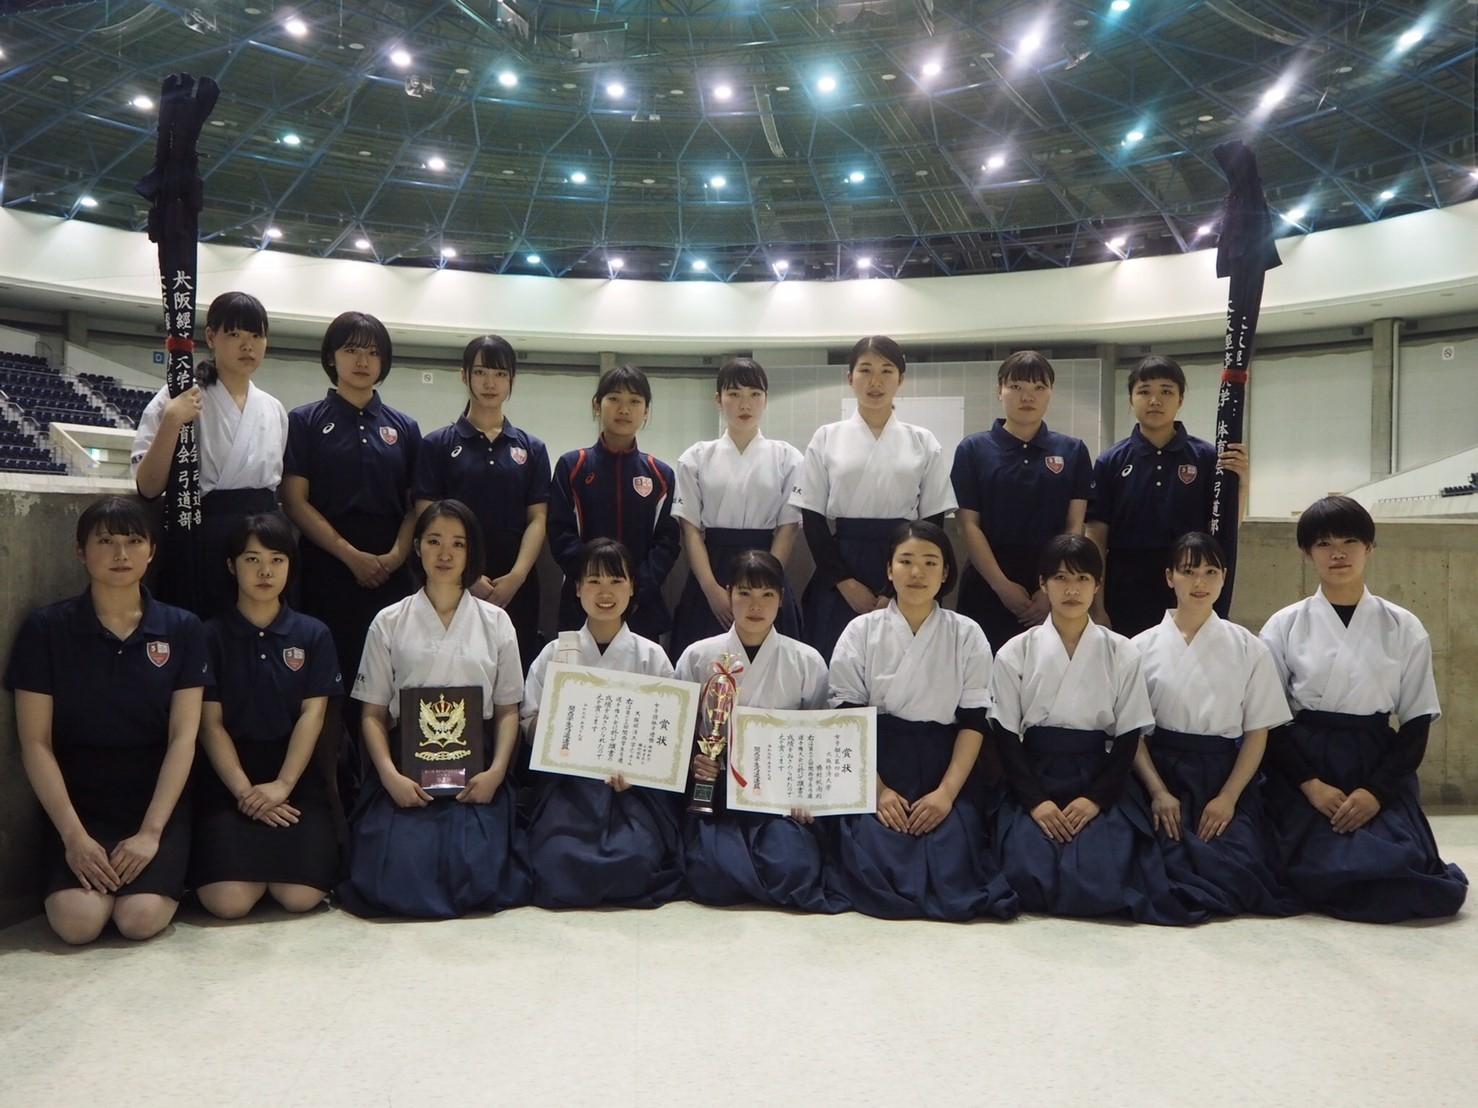 http://blog.osaka-ue.ac.jp/sports/2020/03/190527_2.jpg